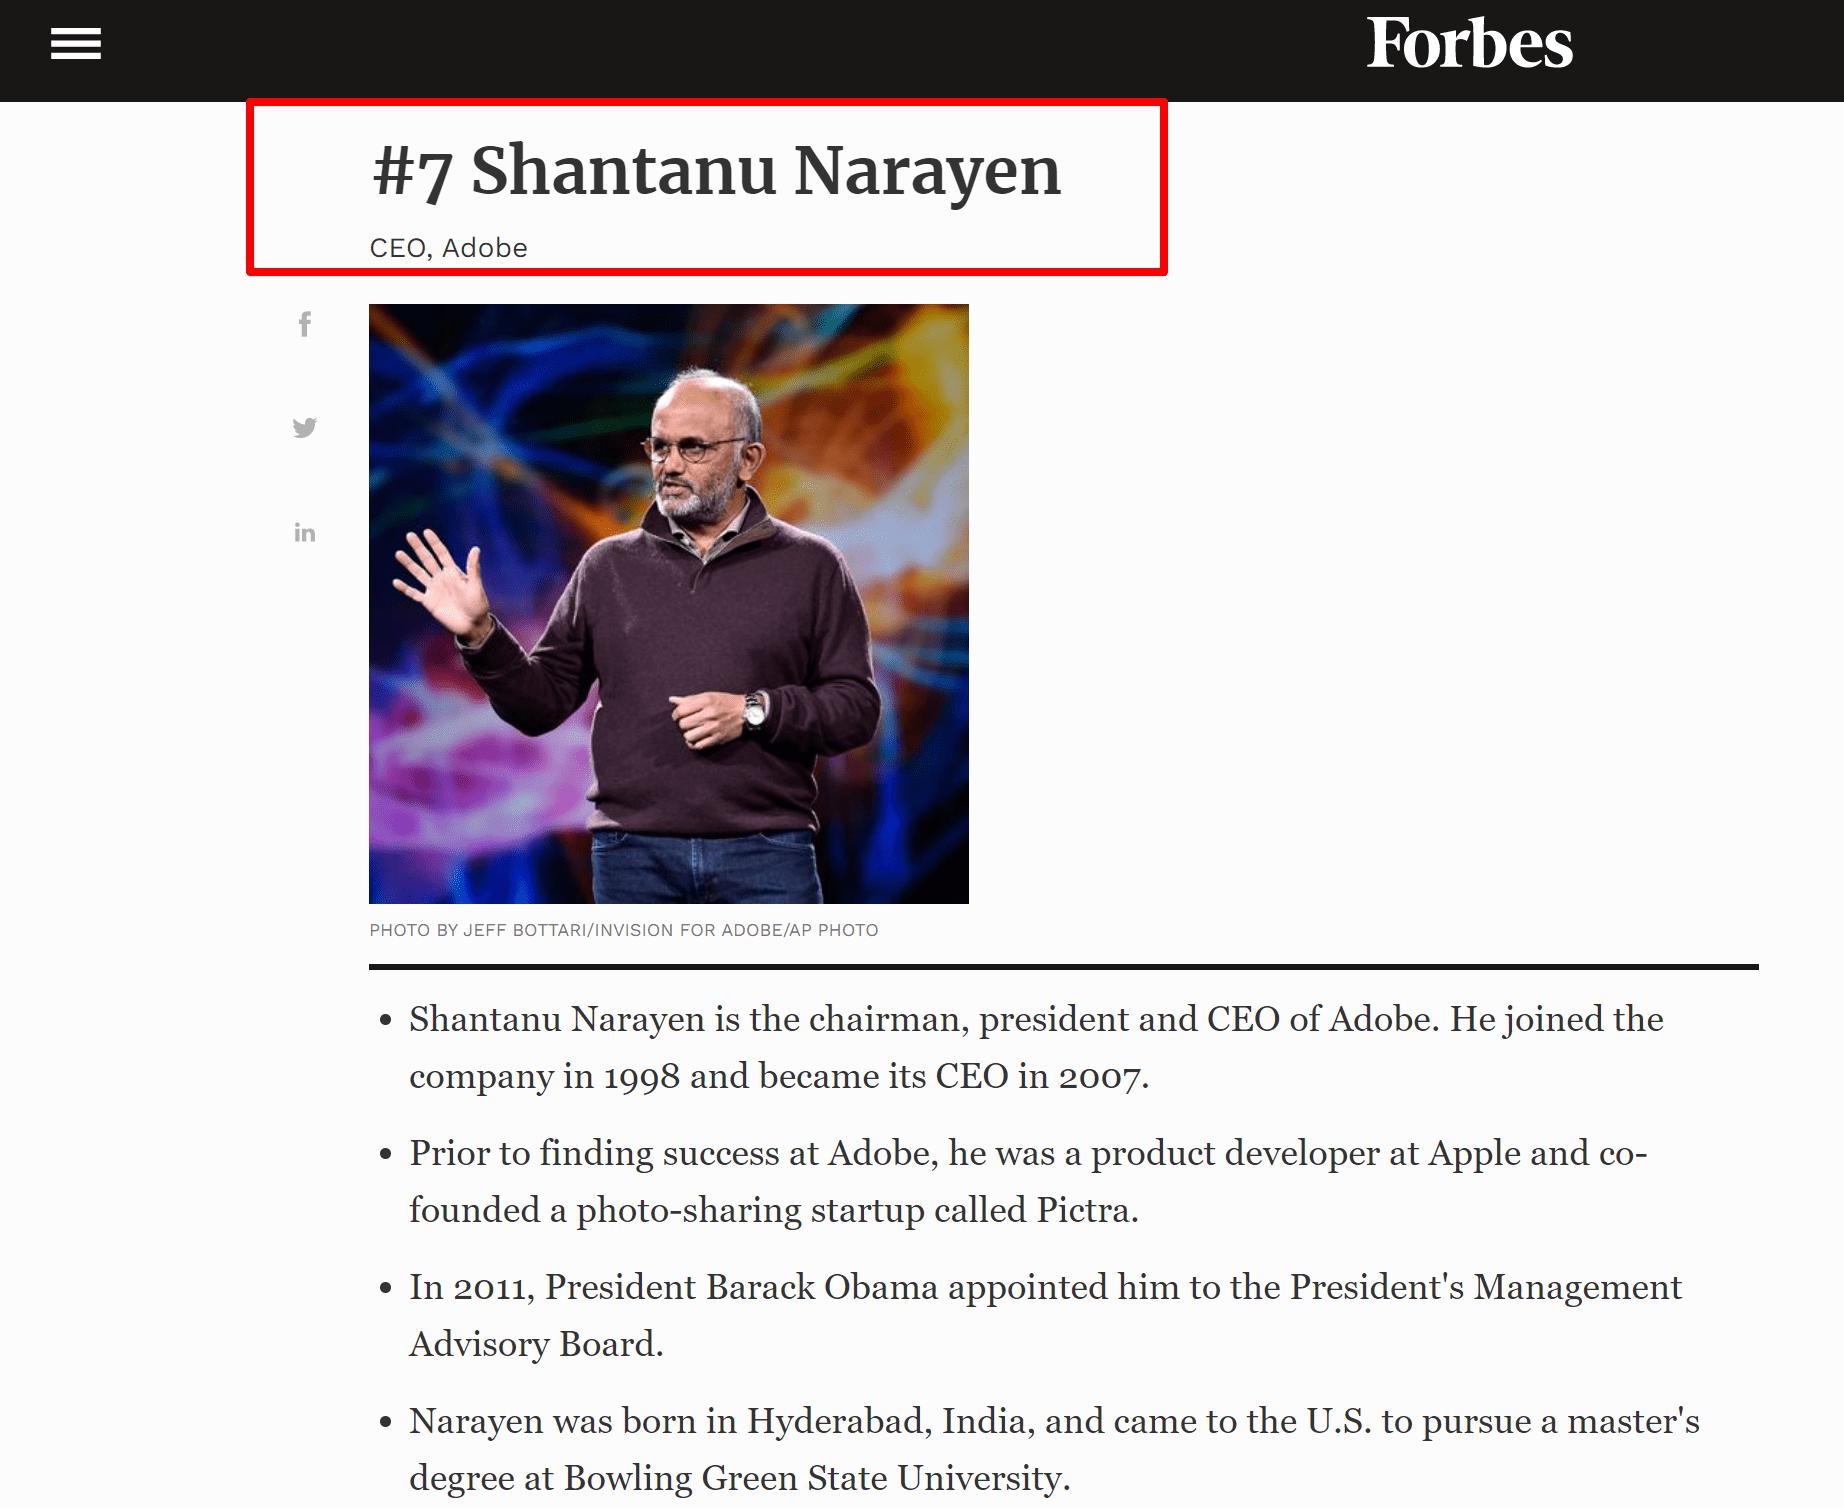 Shanatanuu narayan